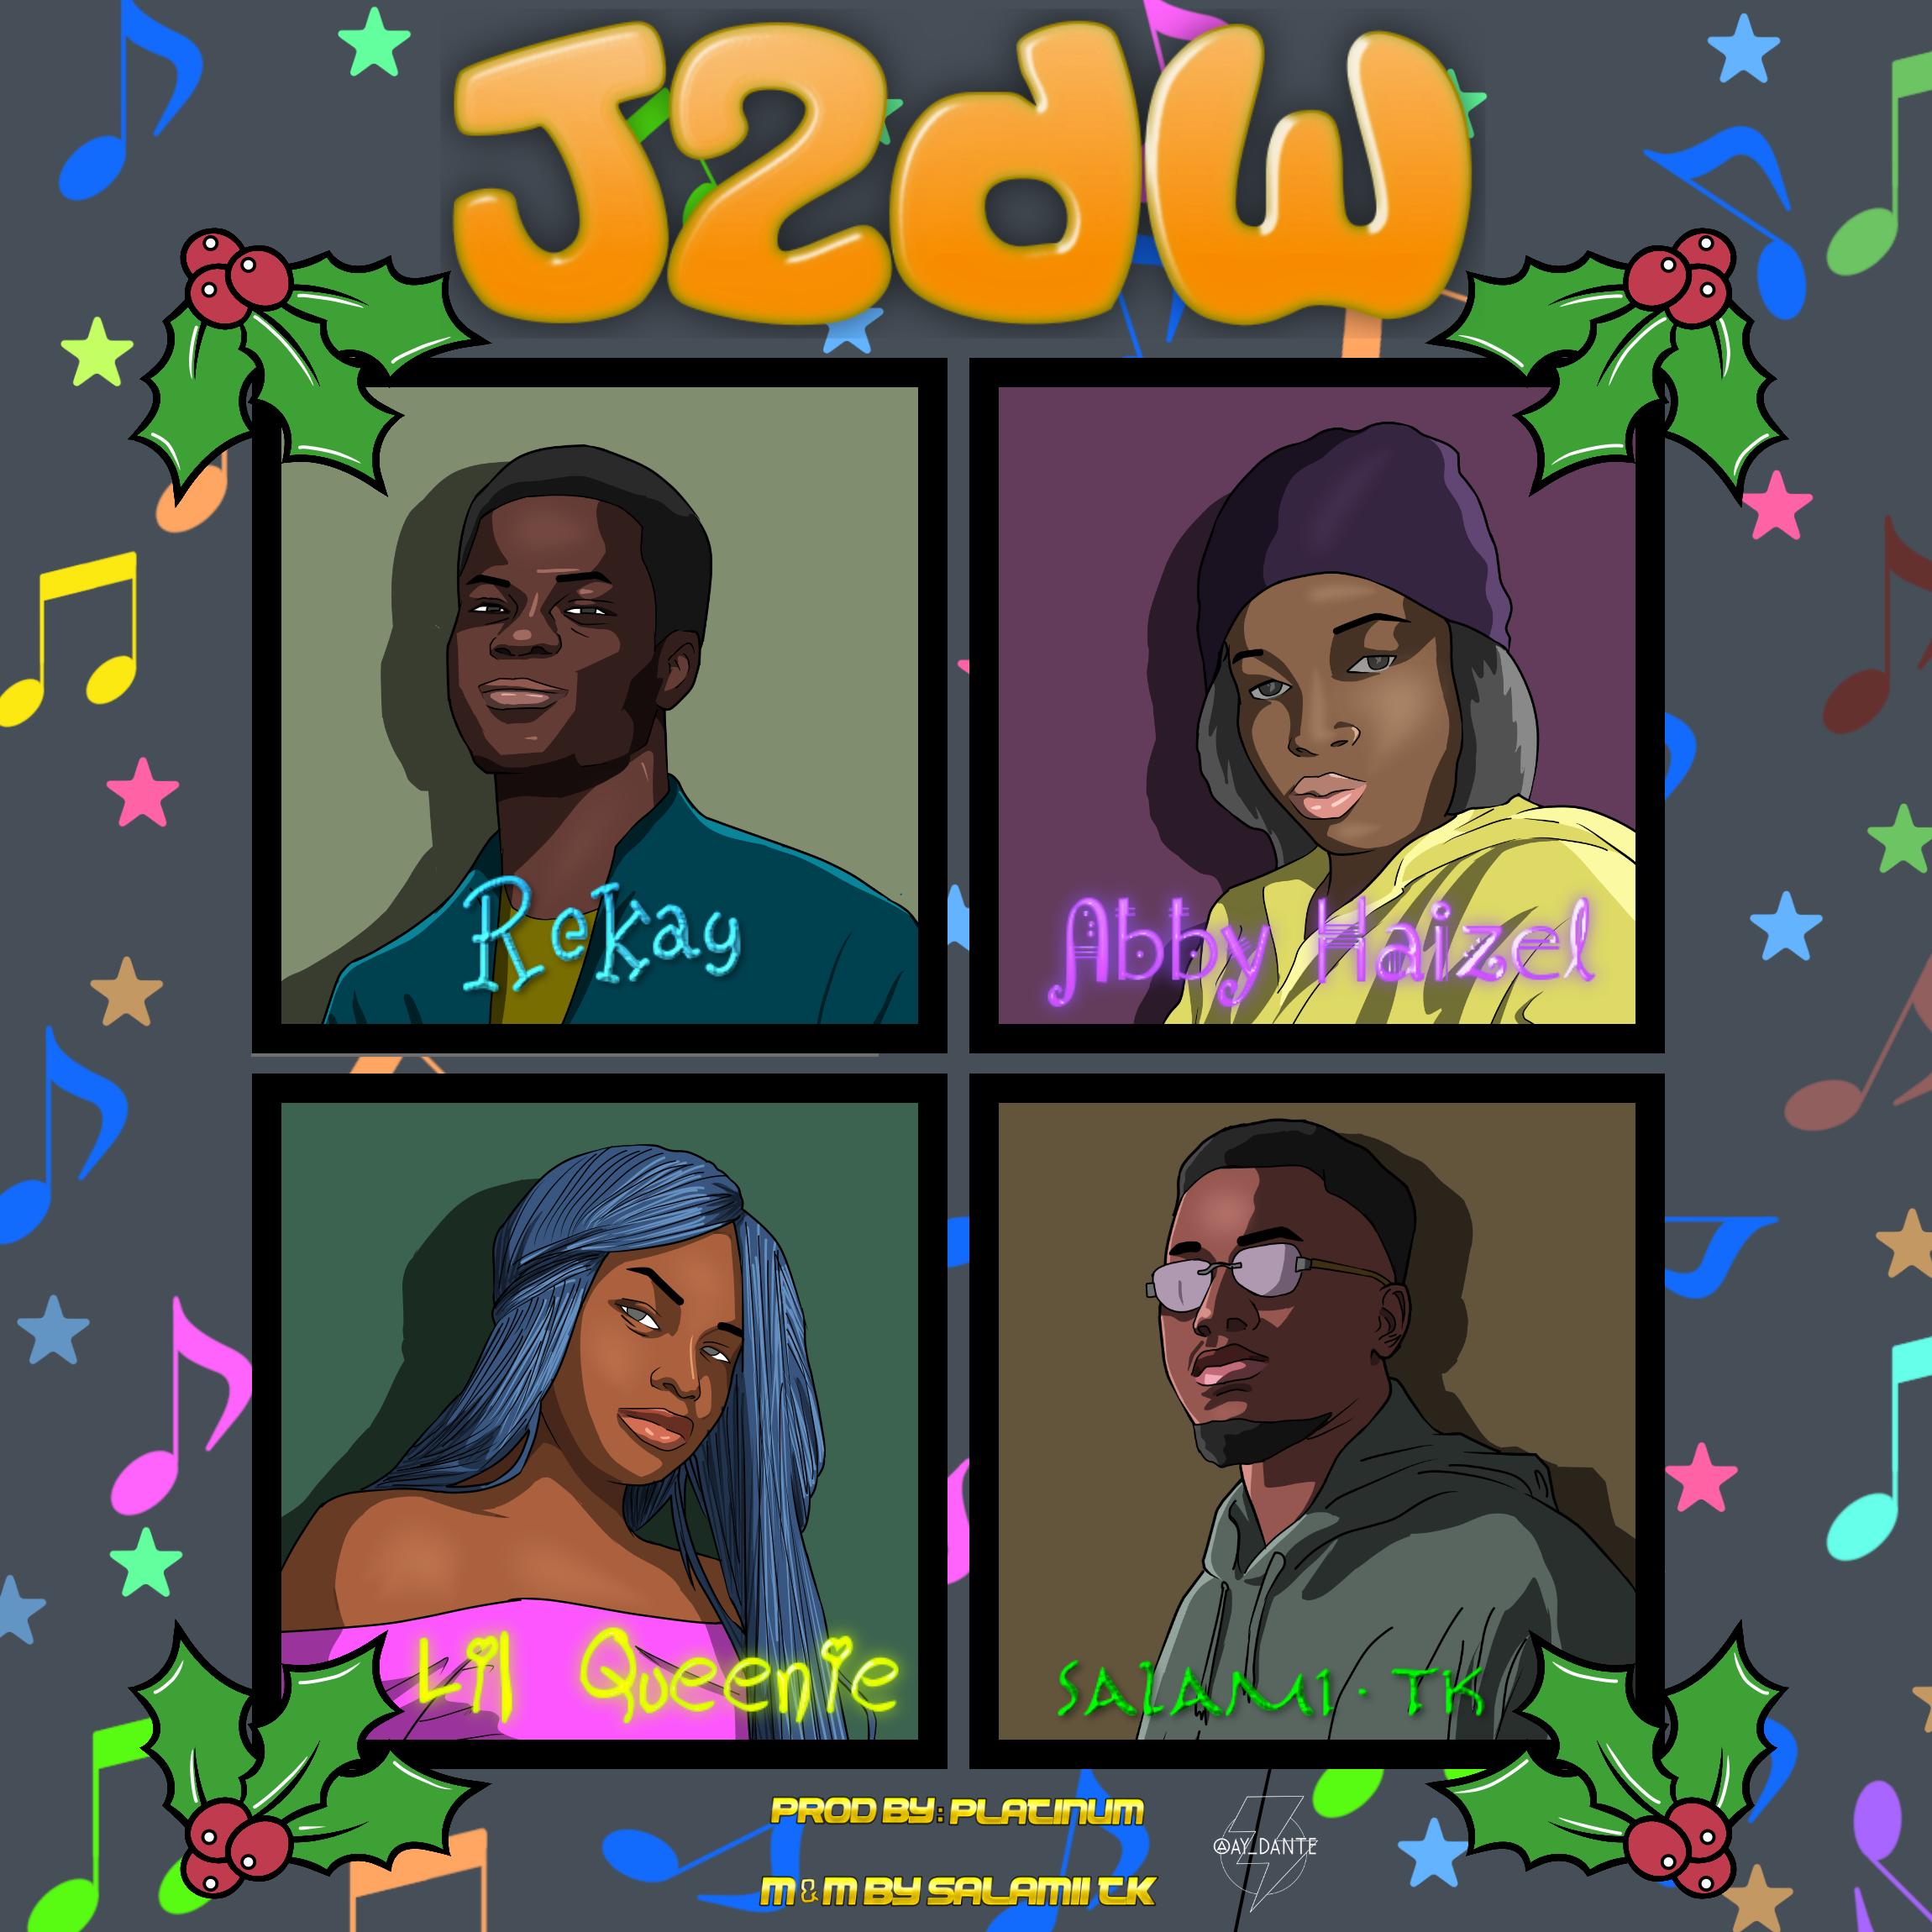 J2DW - Rekay ft Salamii TK x Abby Haizel x Lil Queenie